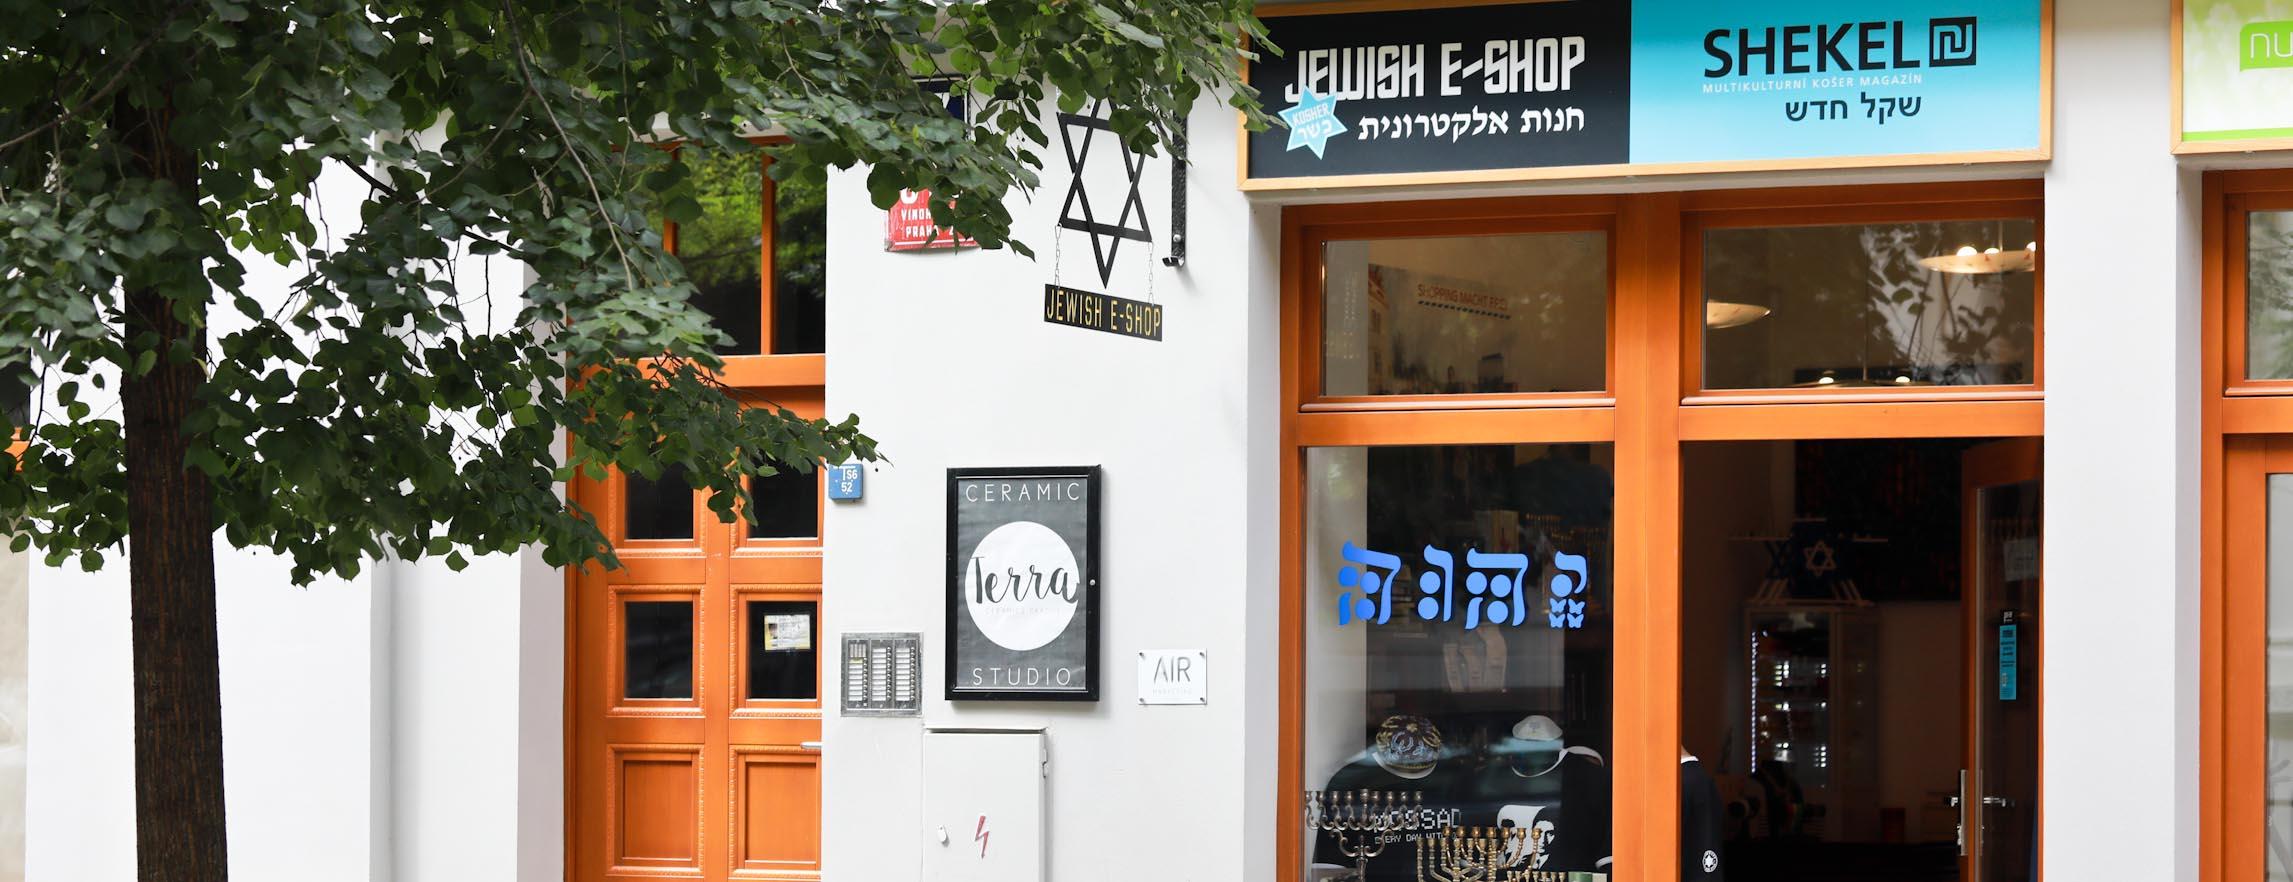 JEWISH E-SHOP - největší židovský obchod v ČR a SR